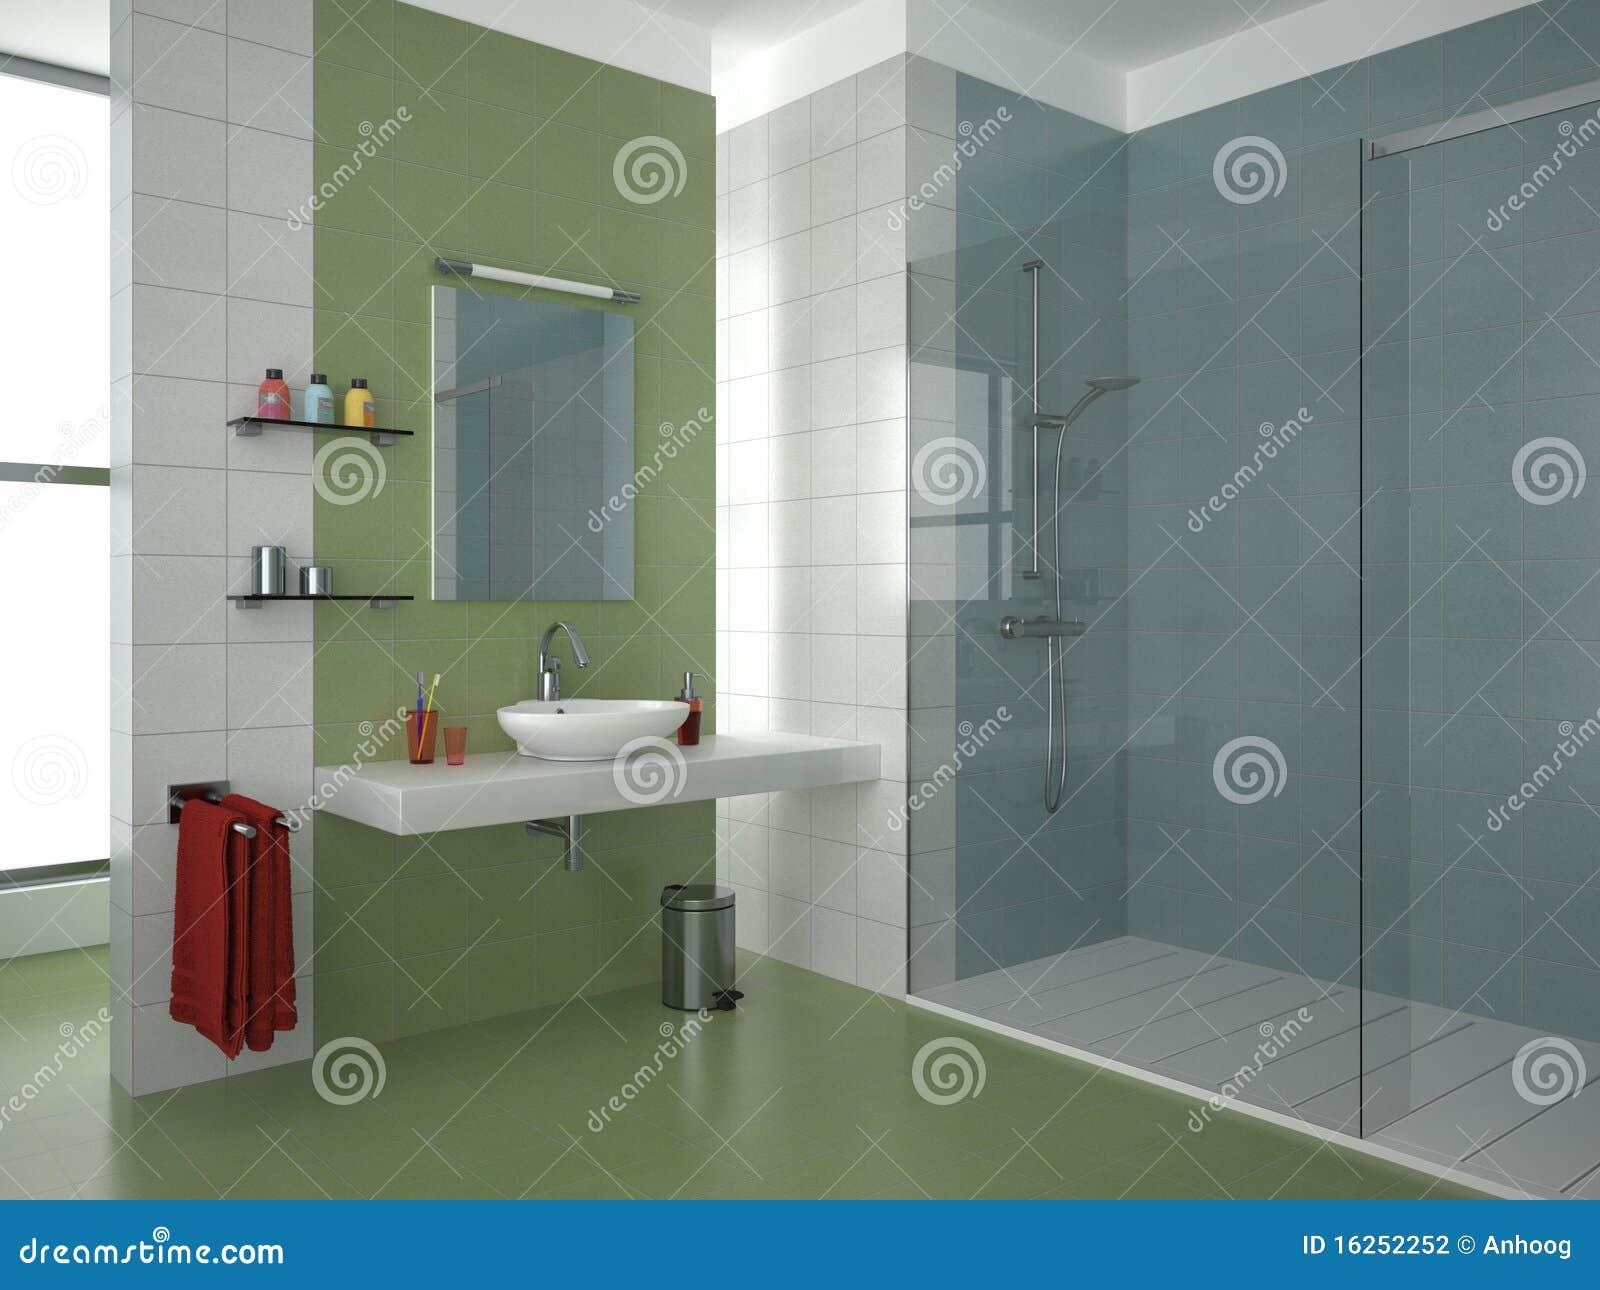 Imagens de #6C2620 Banheiro Verde Moderno Fotografia de Stock Imagem: 16252252 1300x1065 px 3596 Banheiros Verdes Fotos